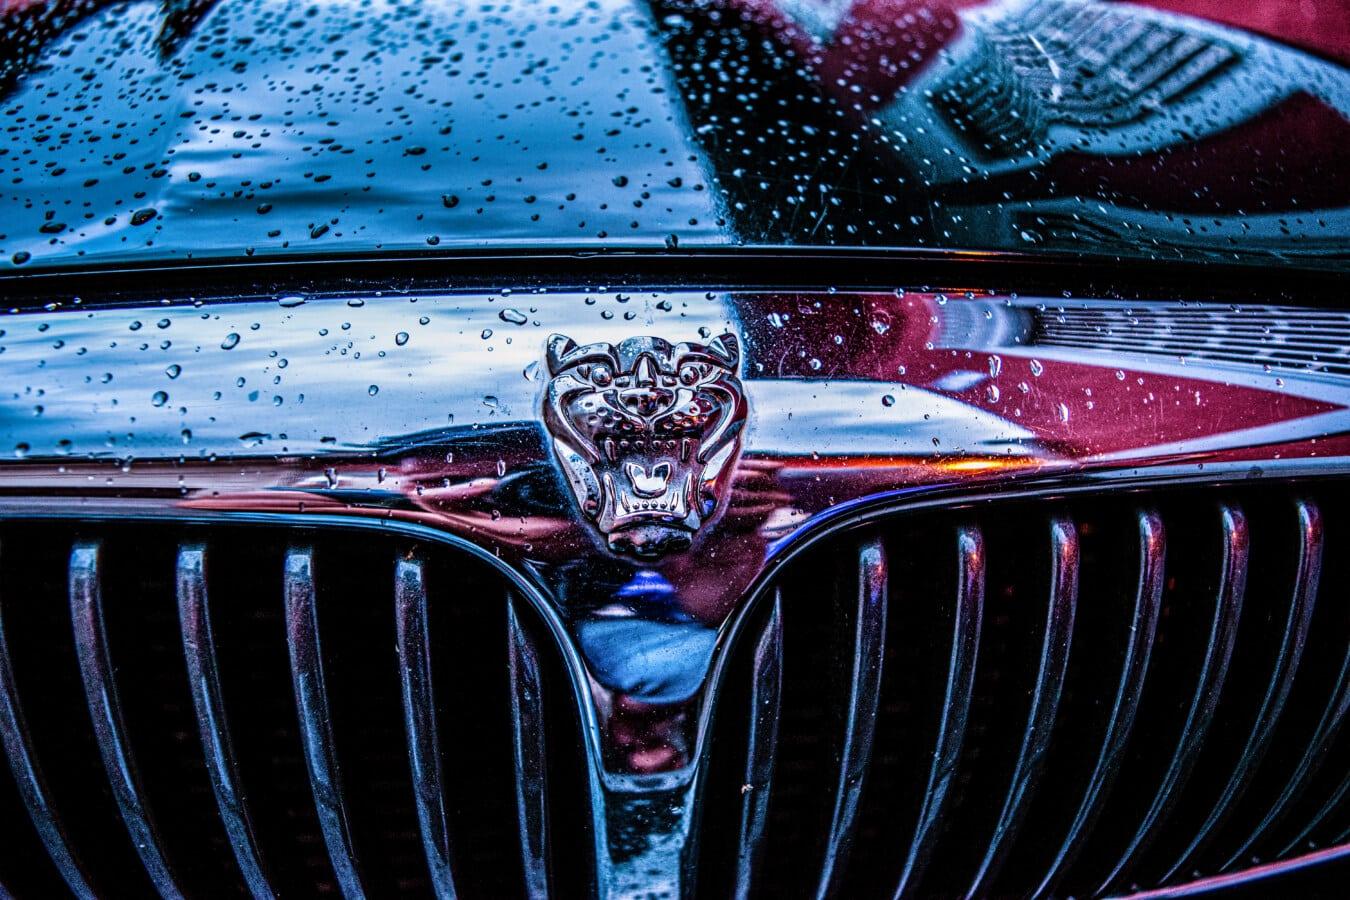 Jaguar, signe, chrome, voiture, symbole, réflexion, Wet, en acier inoxydable, pluie, hotte